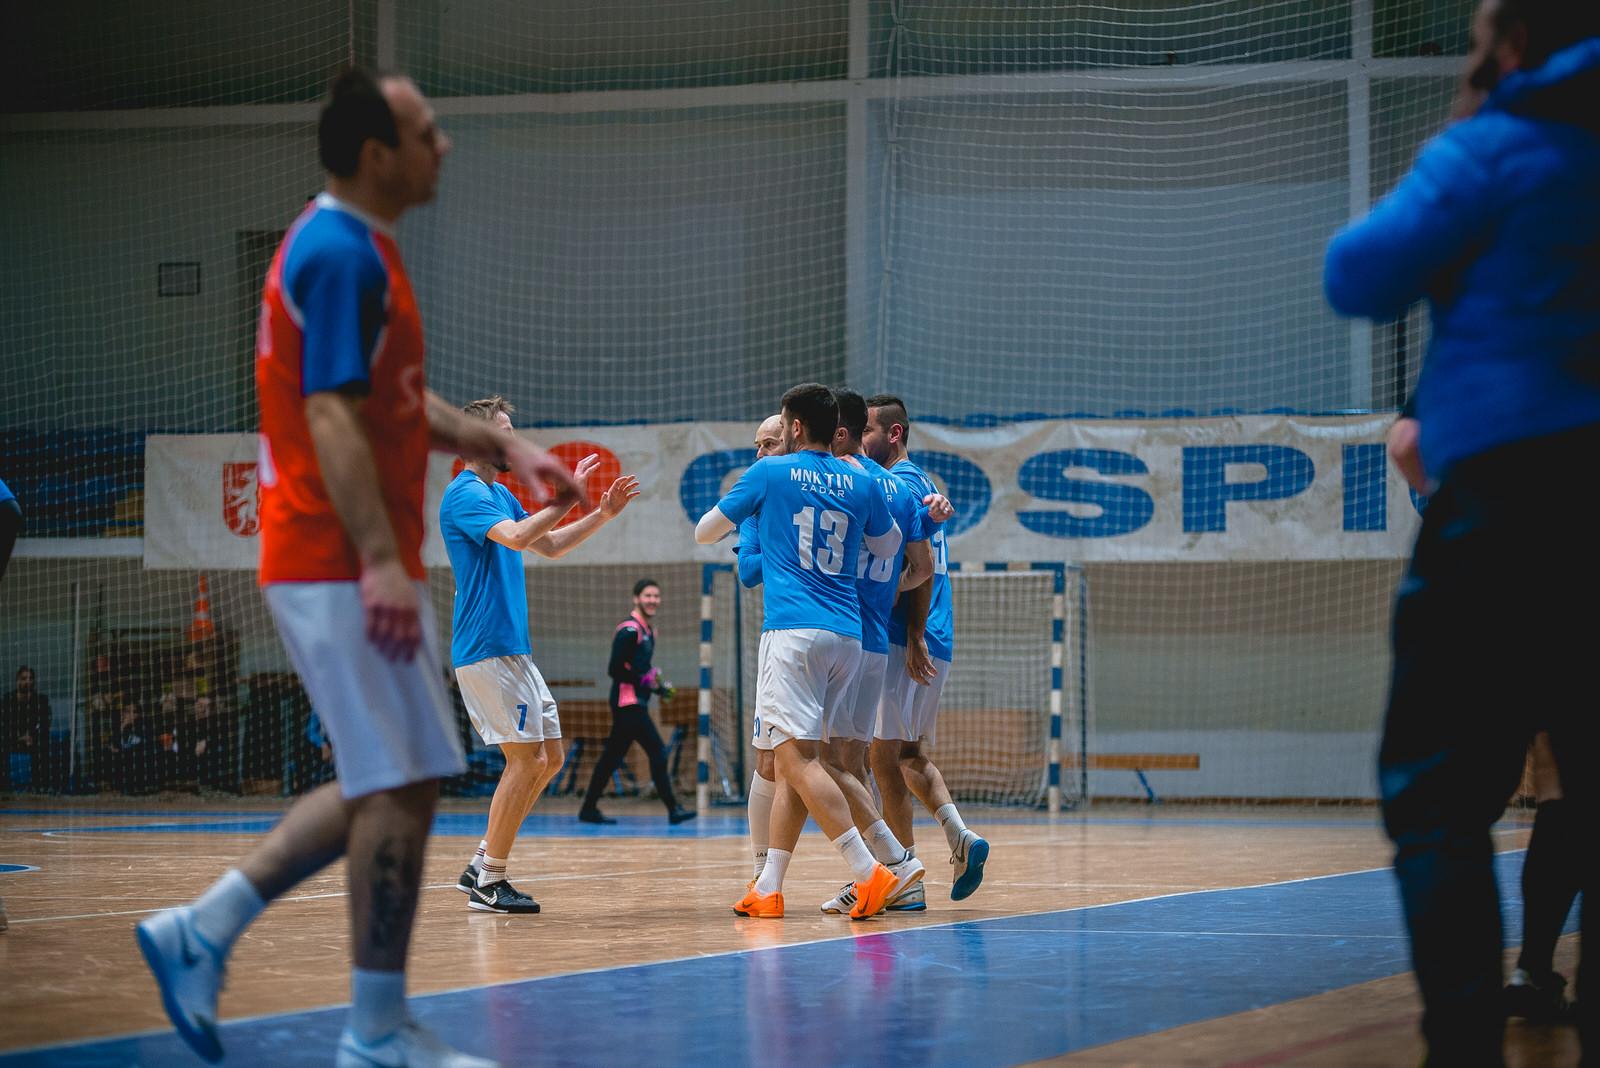 likaclub_gospić_zimski-malonogometni-turnir-2018-19-70